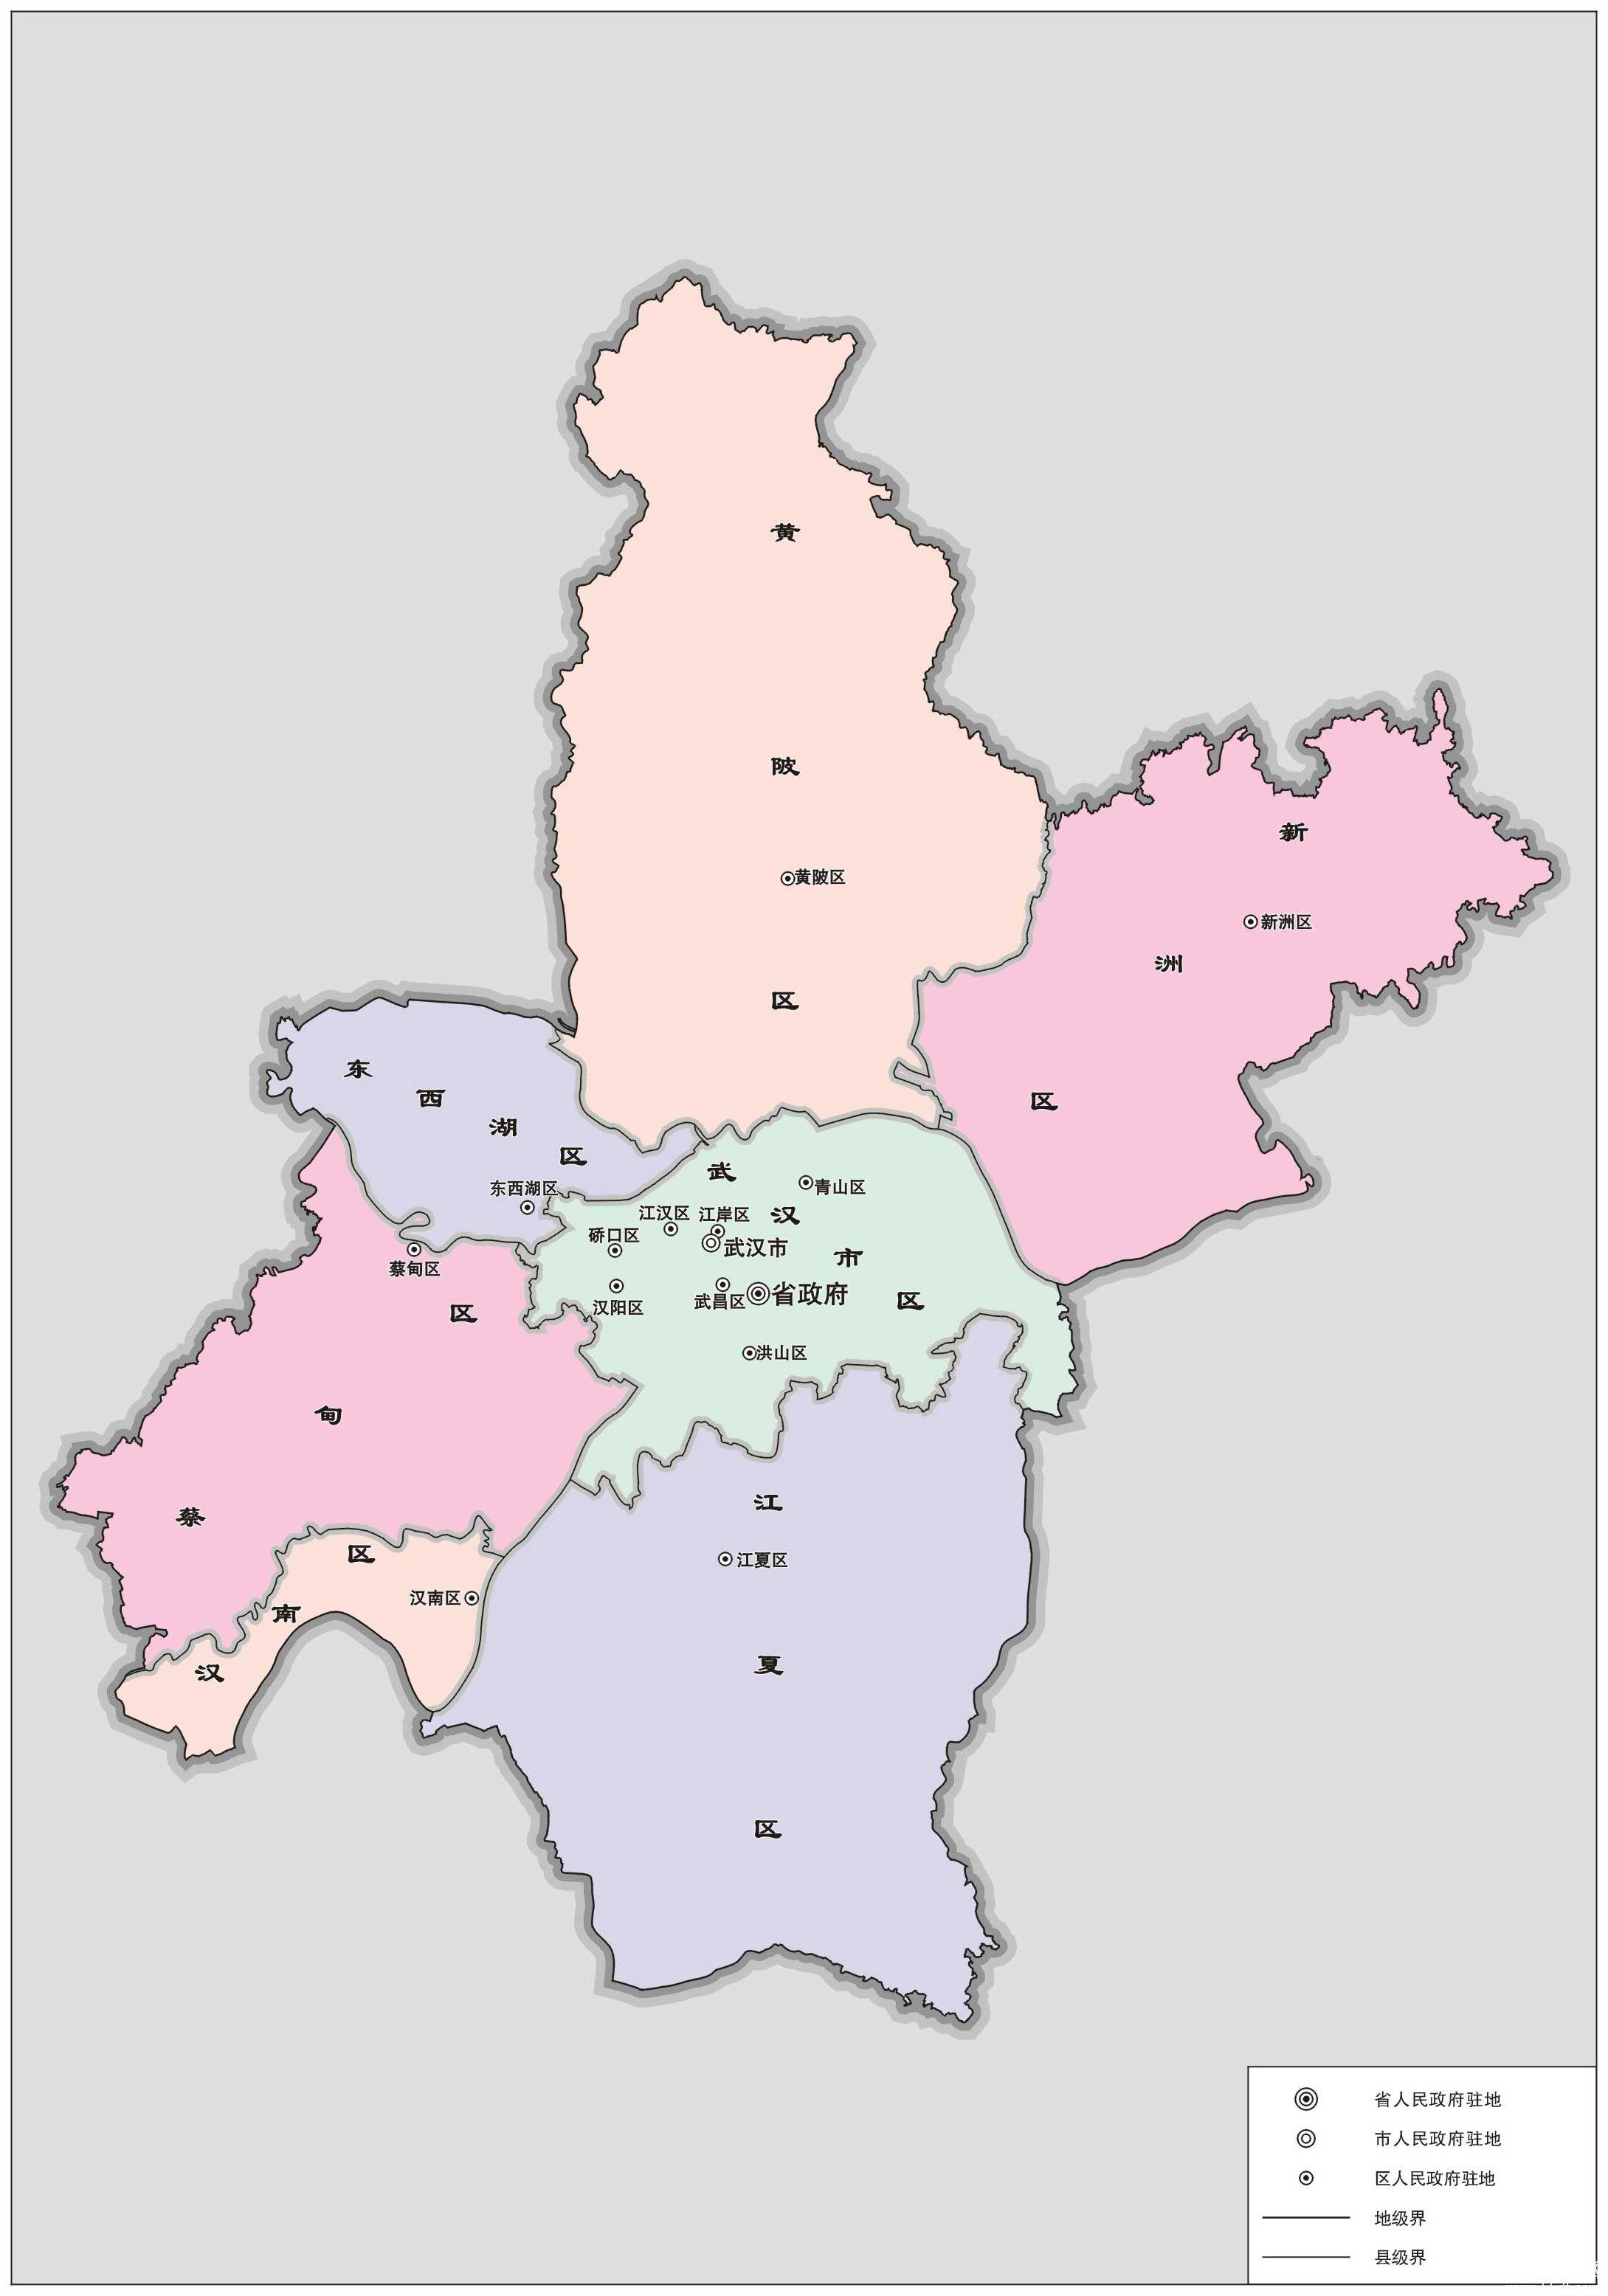 武汉有哪几个大区?图片